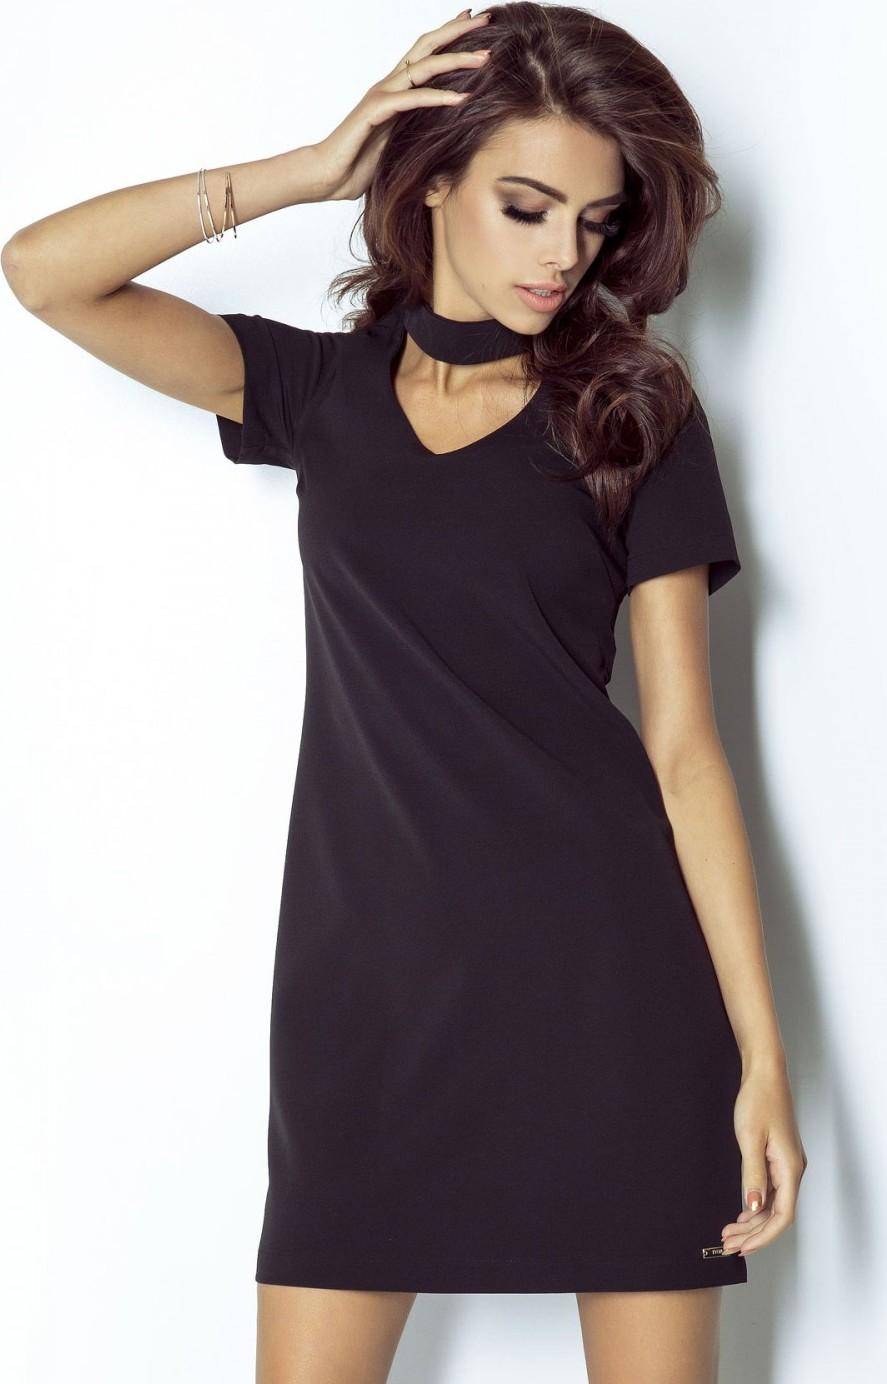 IVON společenské šaty MM-103072 černá Velikost: 40